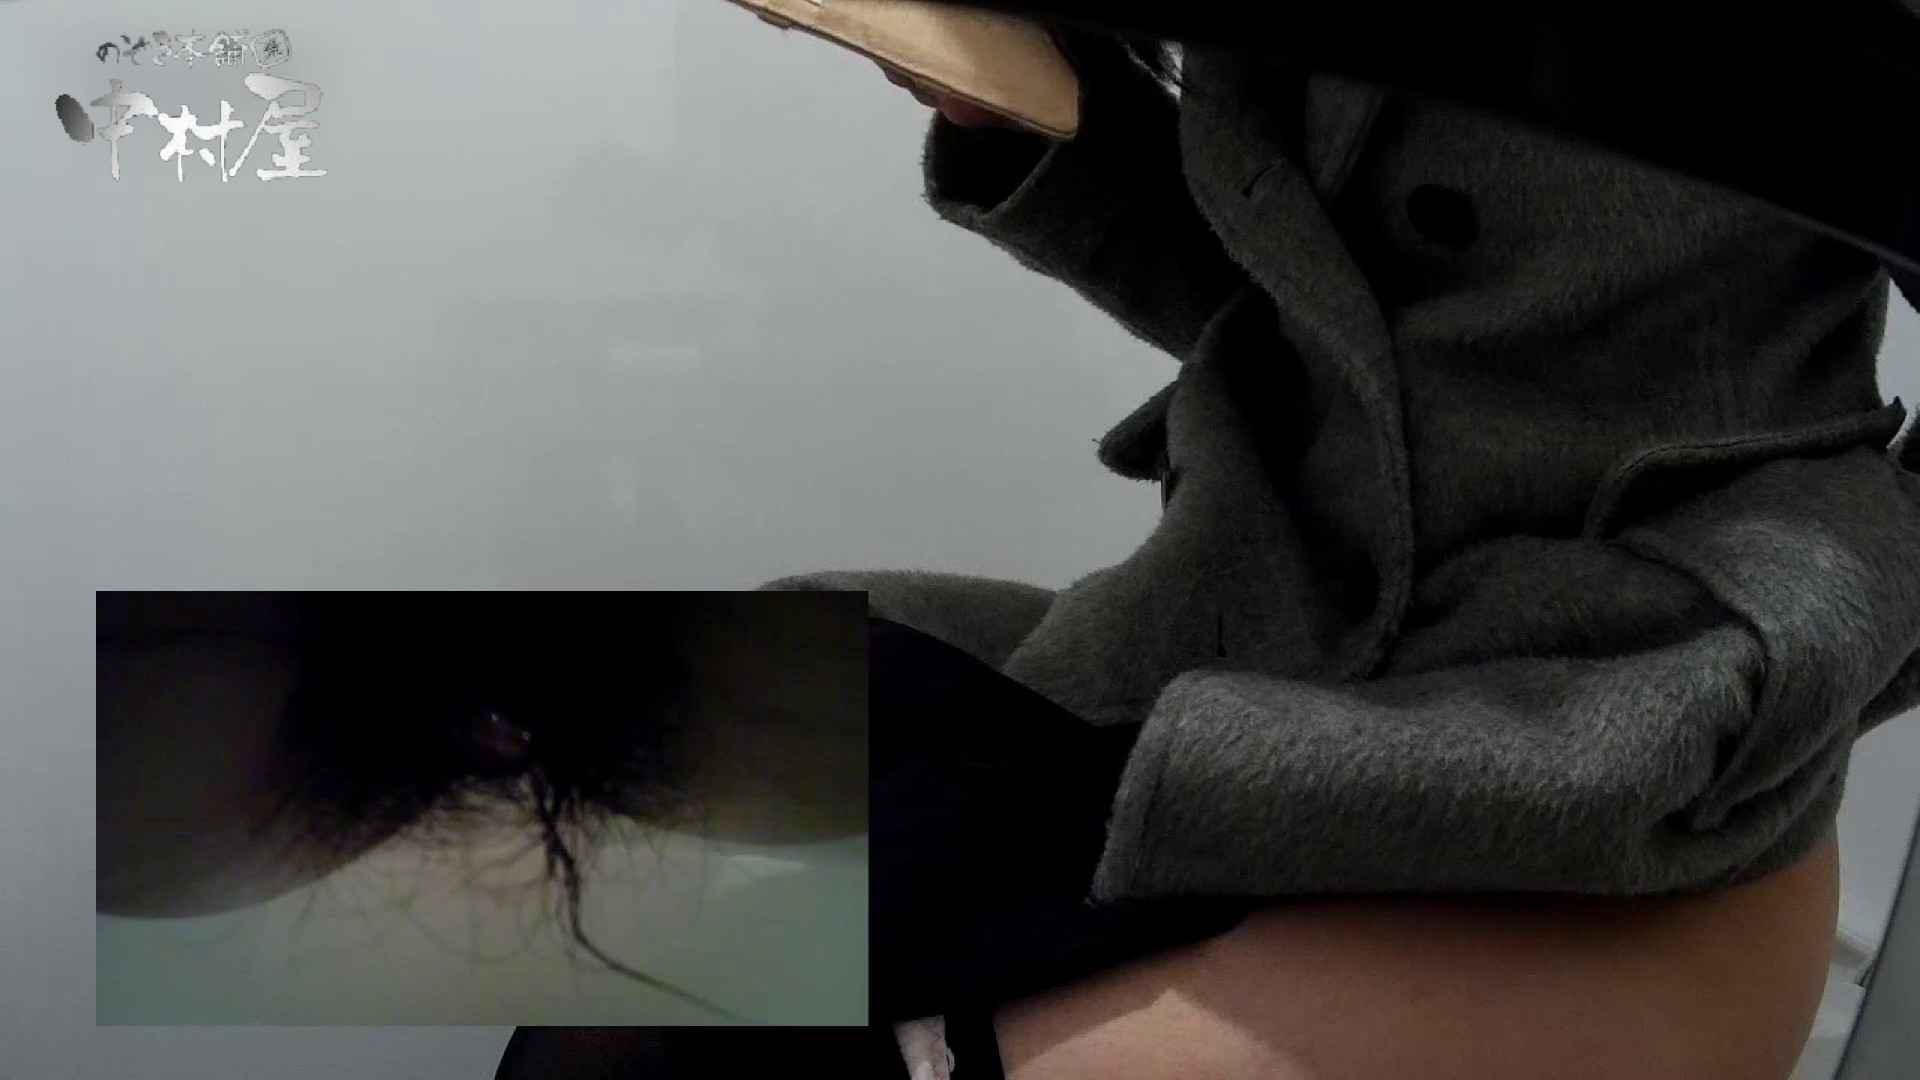 有名大学女性洗面所 vol.58 アンダーヘアーも冬支度? 和式 盗撮アダルト動画キャプチャ 91画像 74